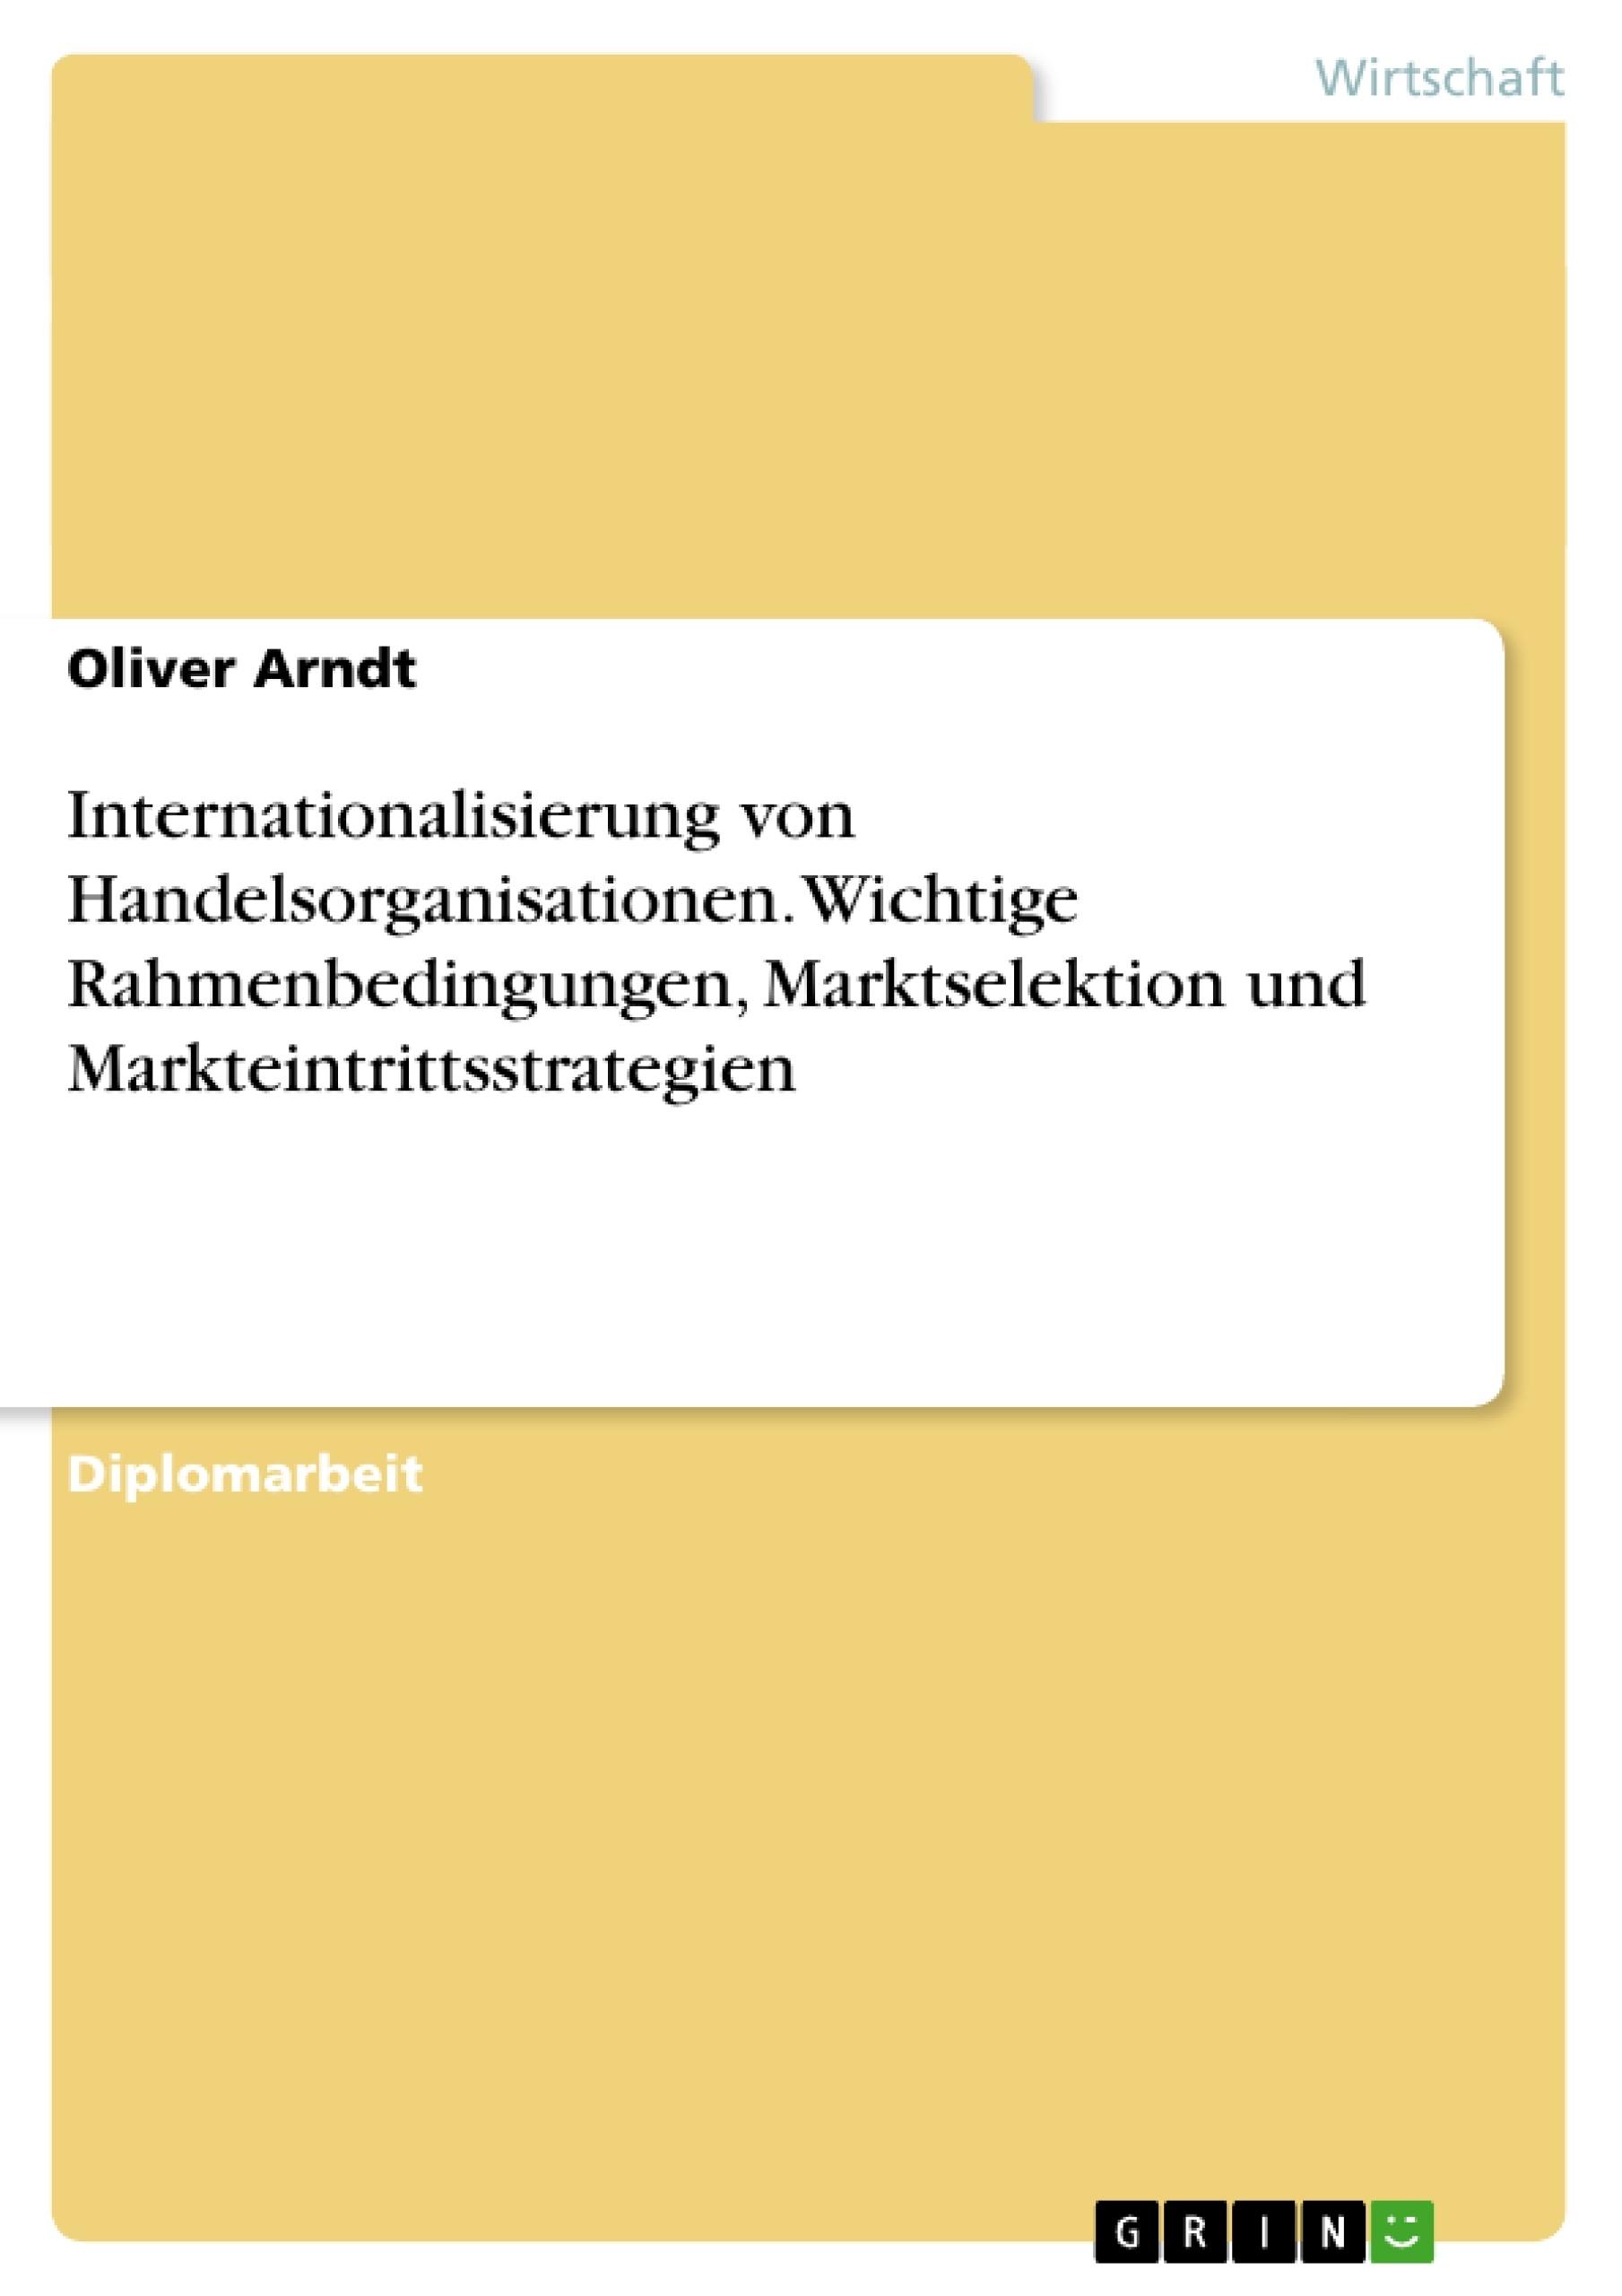 Titel: Internationalisierung von Handelsorganisationen. Wichtige Rahmenbedingungen, Marktselektion und Markteintrittsstrategien